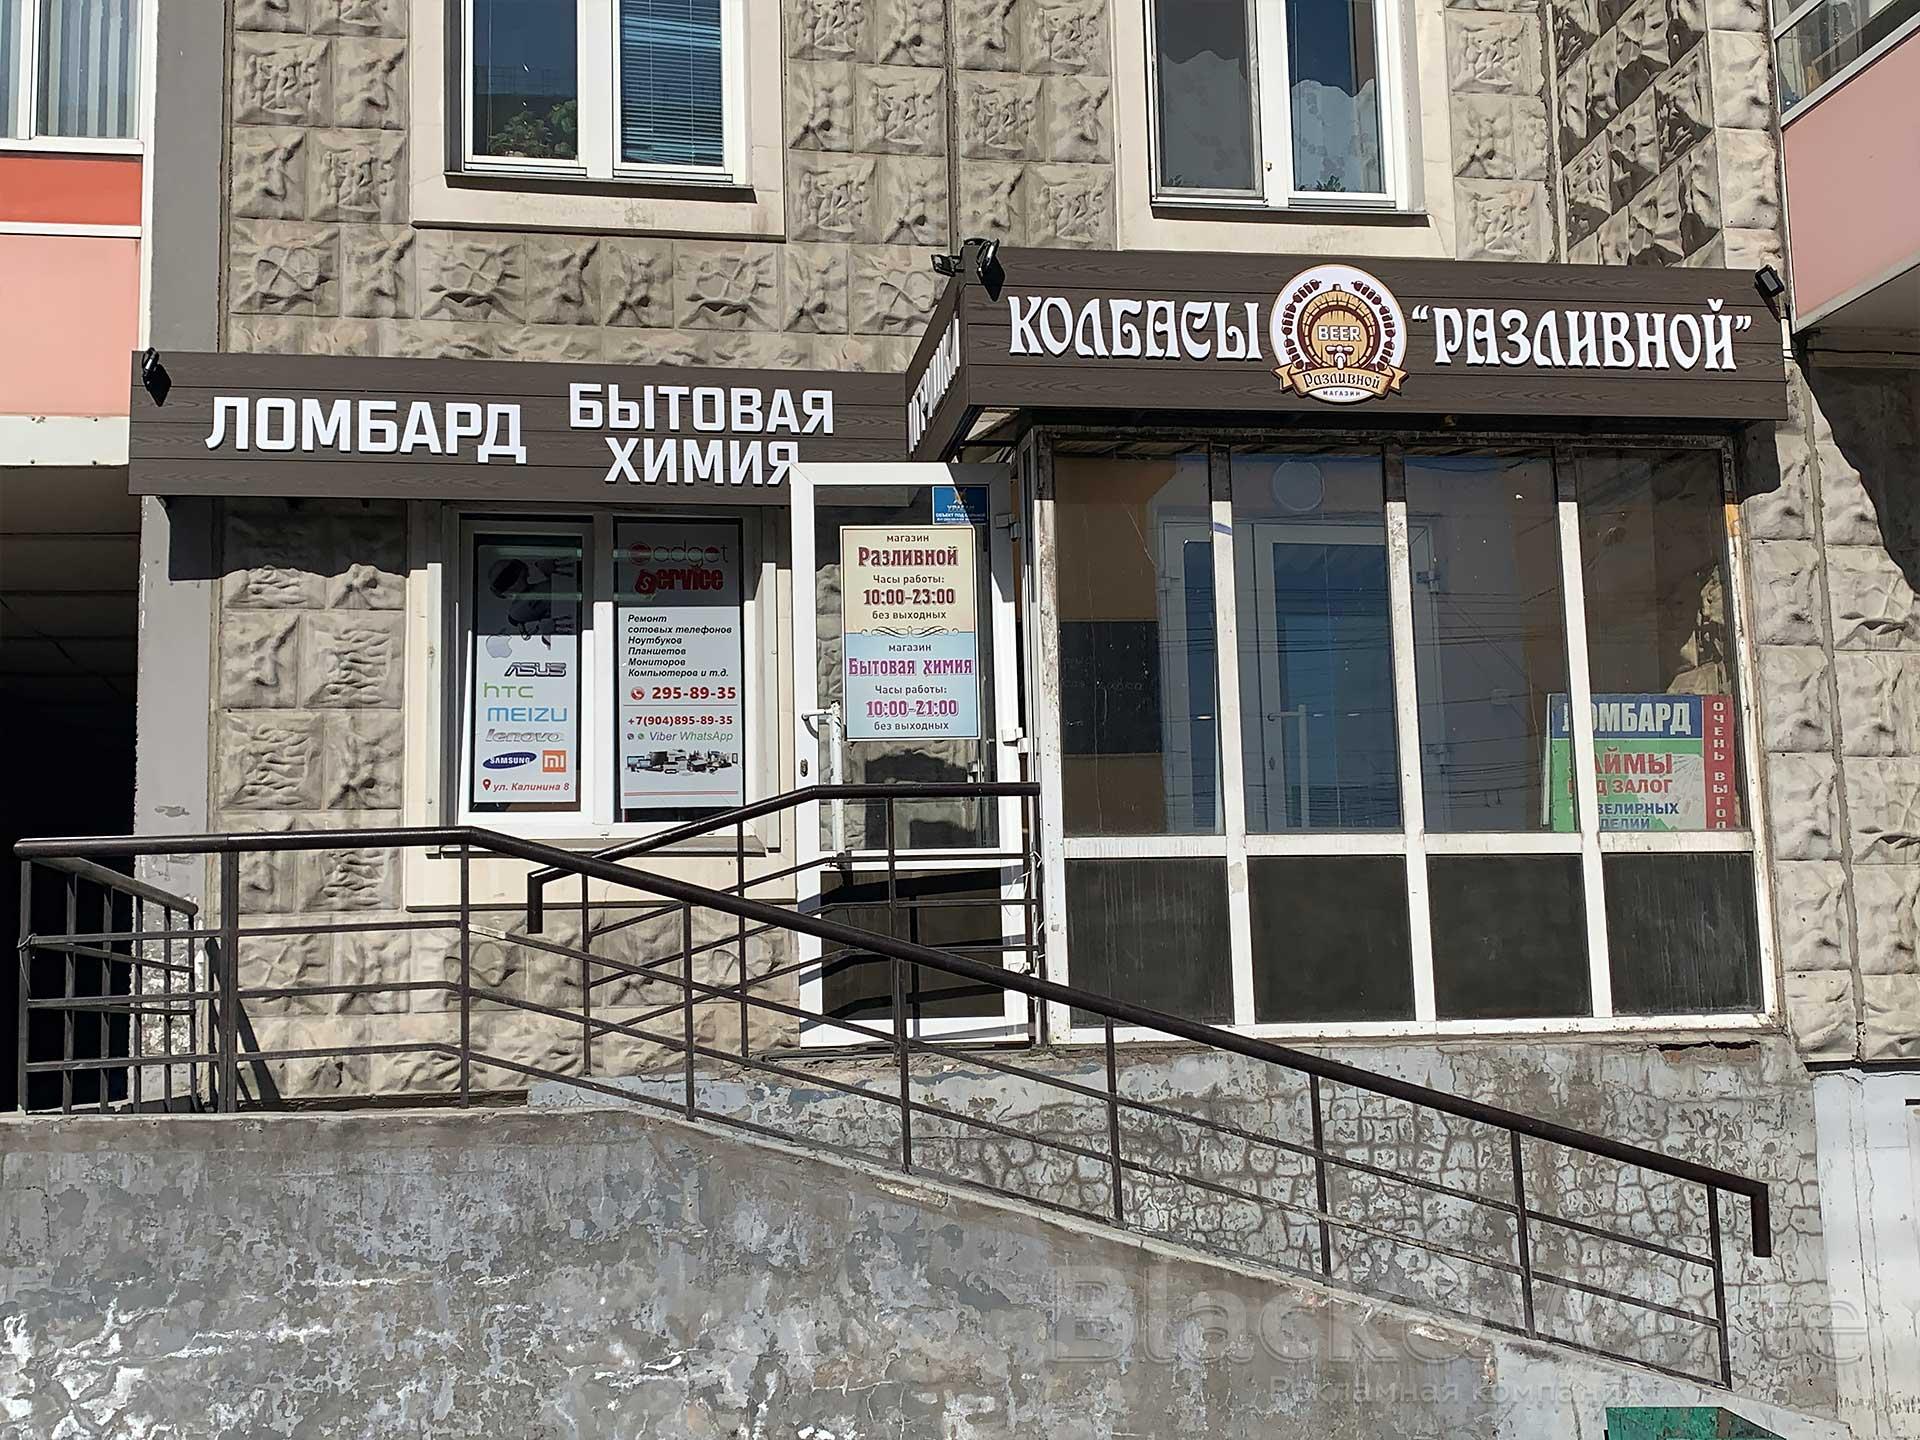 Высеска-из-дерава-с-псевдообъёмными-плоские-буквыми-из-пвх-ихготовление-в-Красноярске.jpg